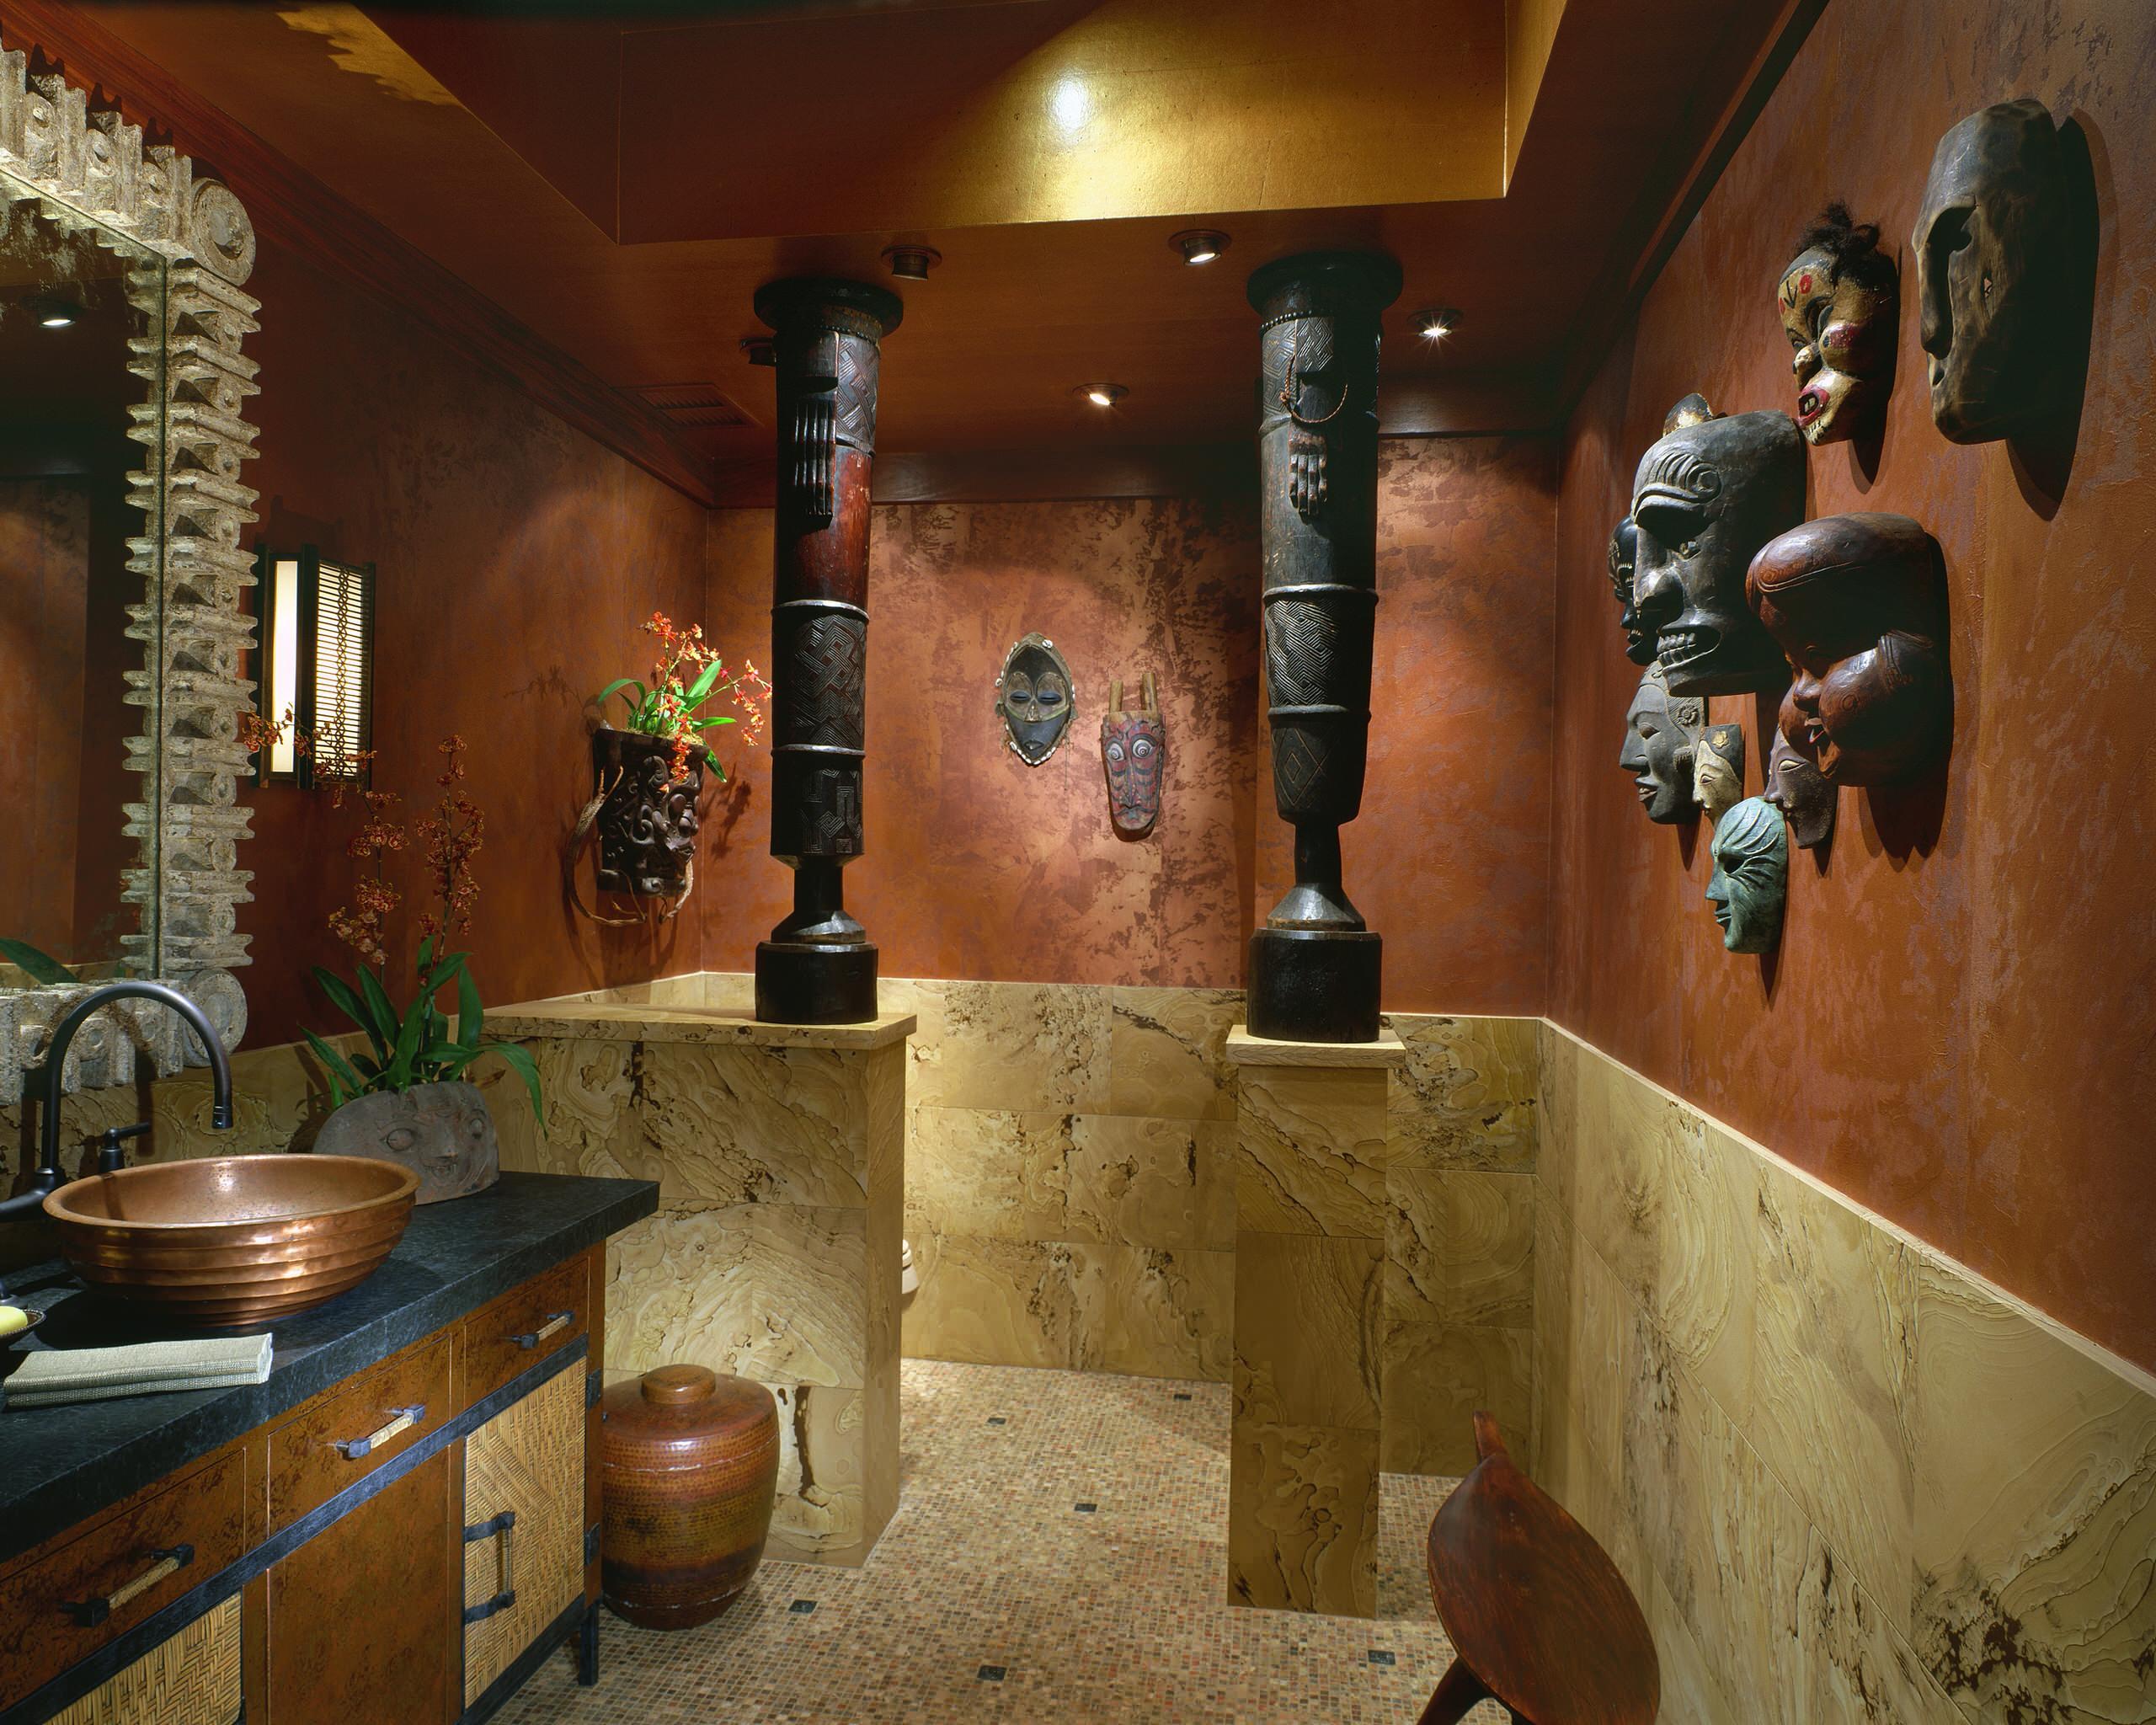 African Bathroom Houzz, Safari Themed Bathroom Decor